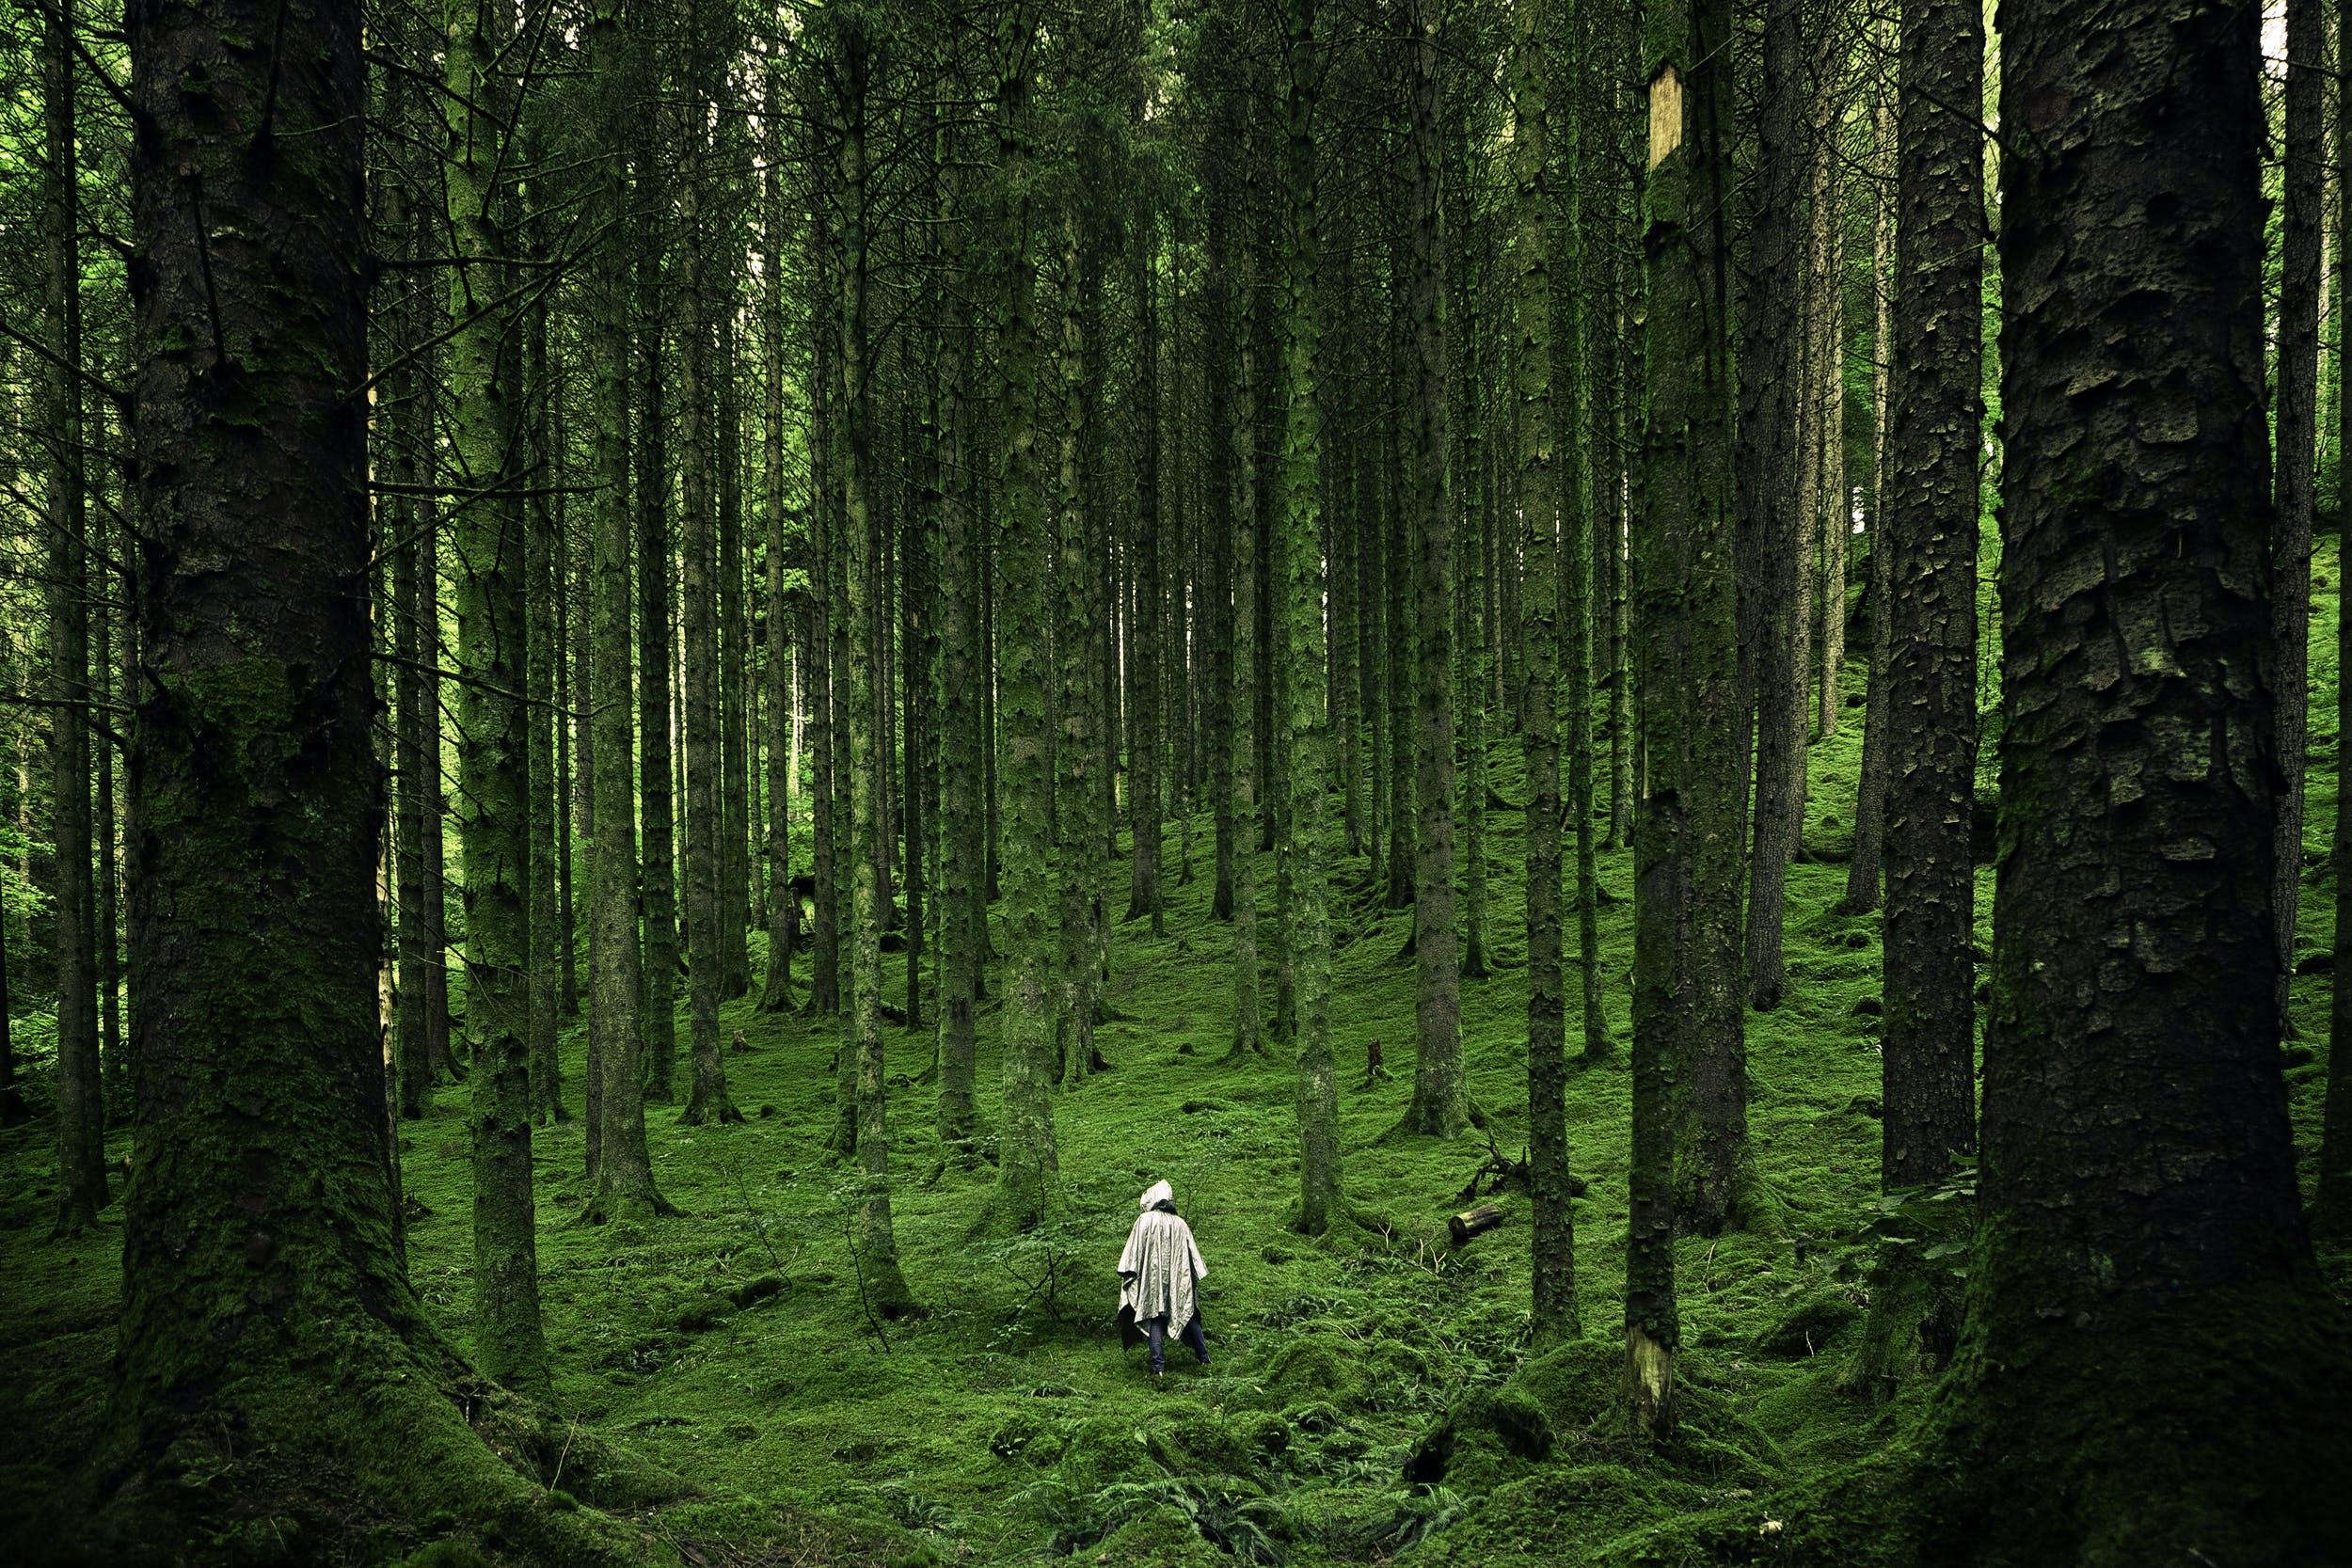 arboles, bosque, espíritu viajero